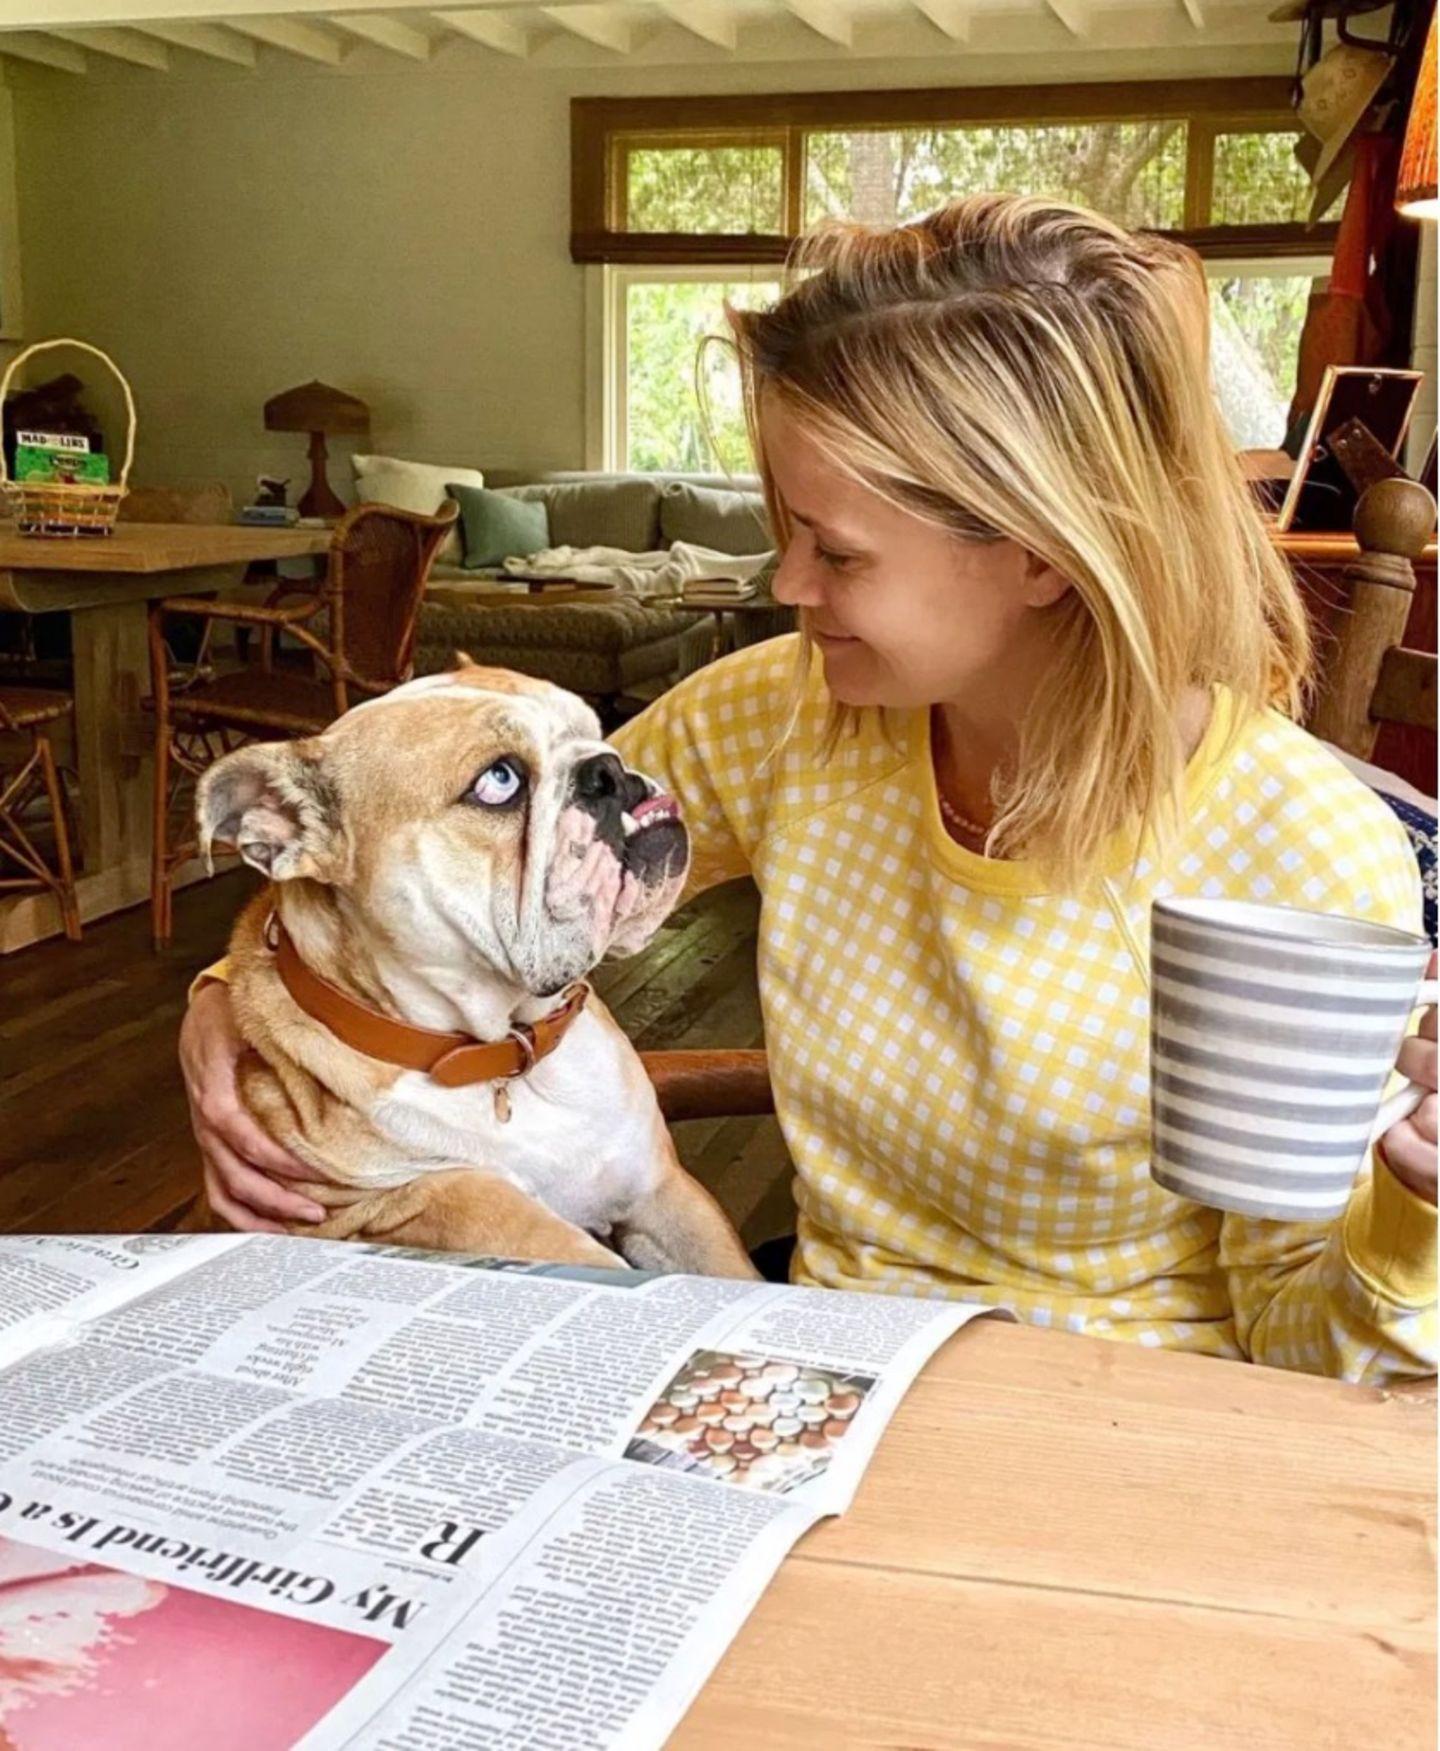 Schauspielerin Reese Witherspoon lebt zusammen mit ihrem Mann Jim Toth und ihren drei Kindern Ava, Deacon und Tennesseein einem gemütlich wirkendenHaus in Nashville. Auf Instagram teilt die 44-Jährige Schnappschüsse aus ihrem Familienalltag, auf denen wir auch einen Eindruck ihres imposanten Anwesens bekommen. So gewährt uns die hübsche Blondine einen Blick auf ihrenKüchentisch; im Hintergrund ist außerdem ein gemütliches Sofa zu erkennen. Doch Reese hat gerade nur Augen für ihre Bulldogge Lou.